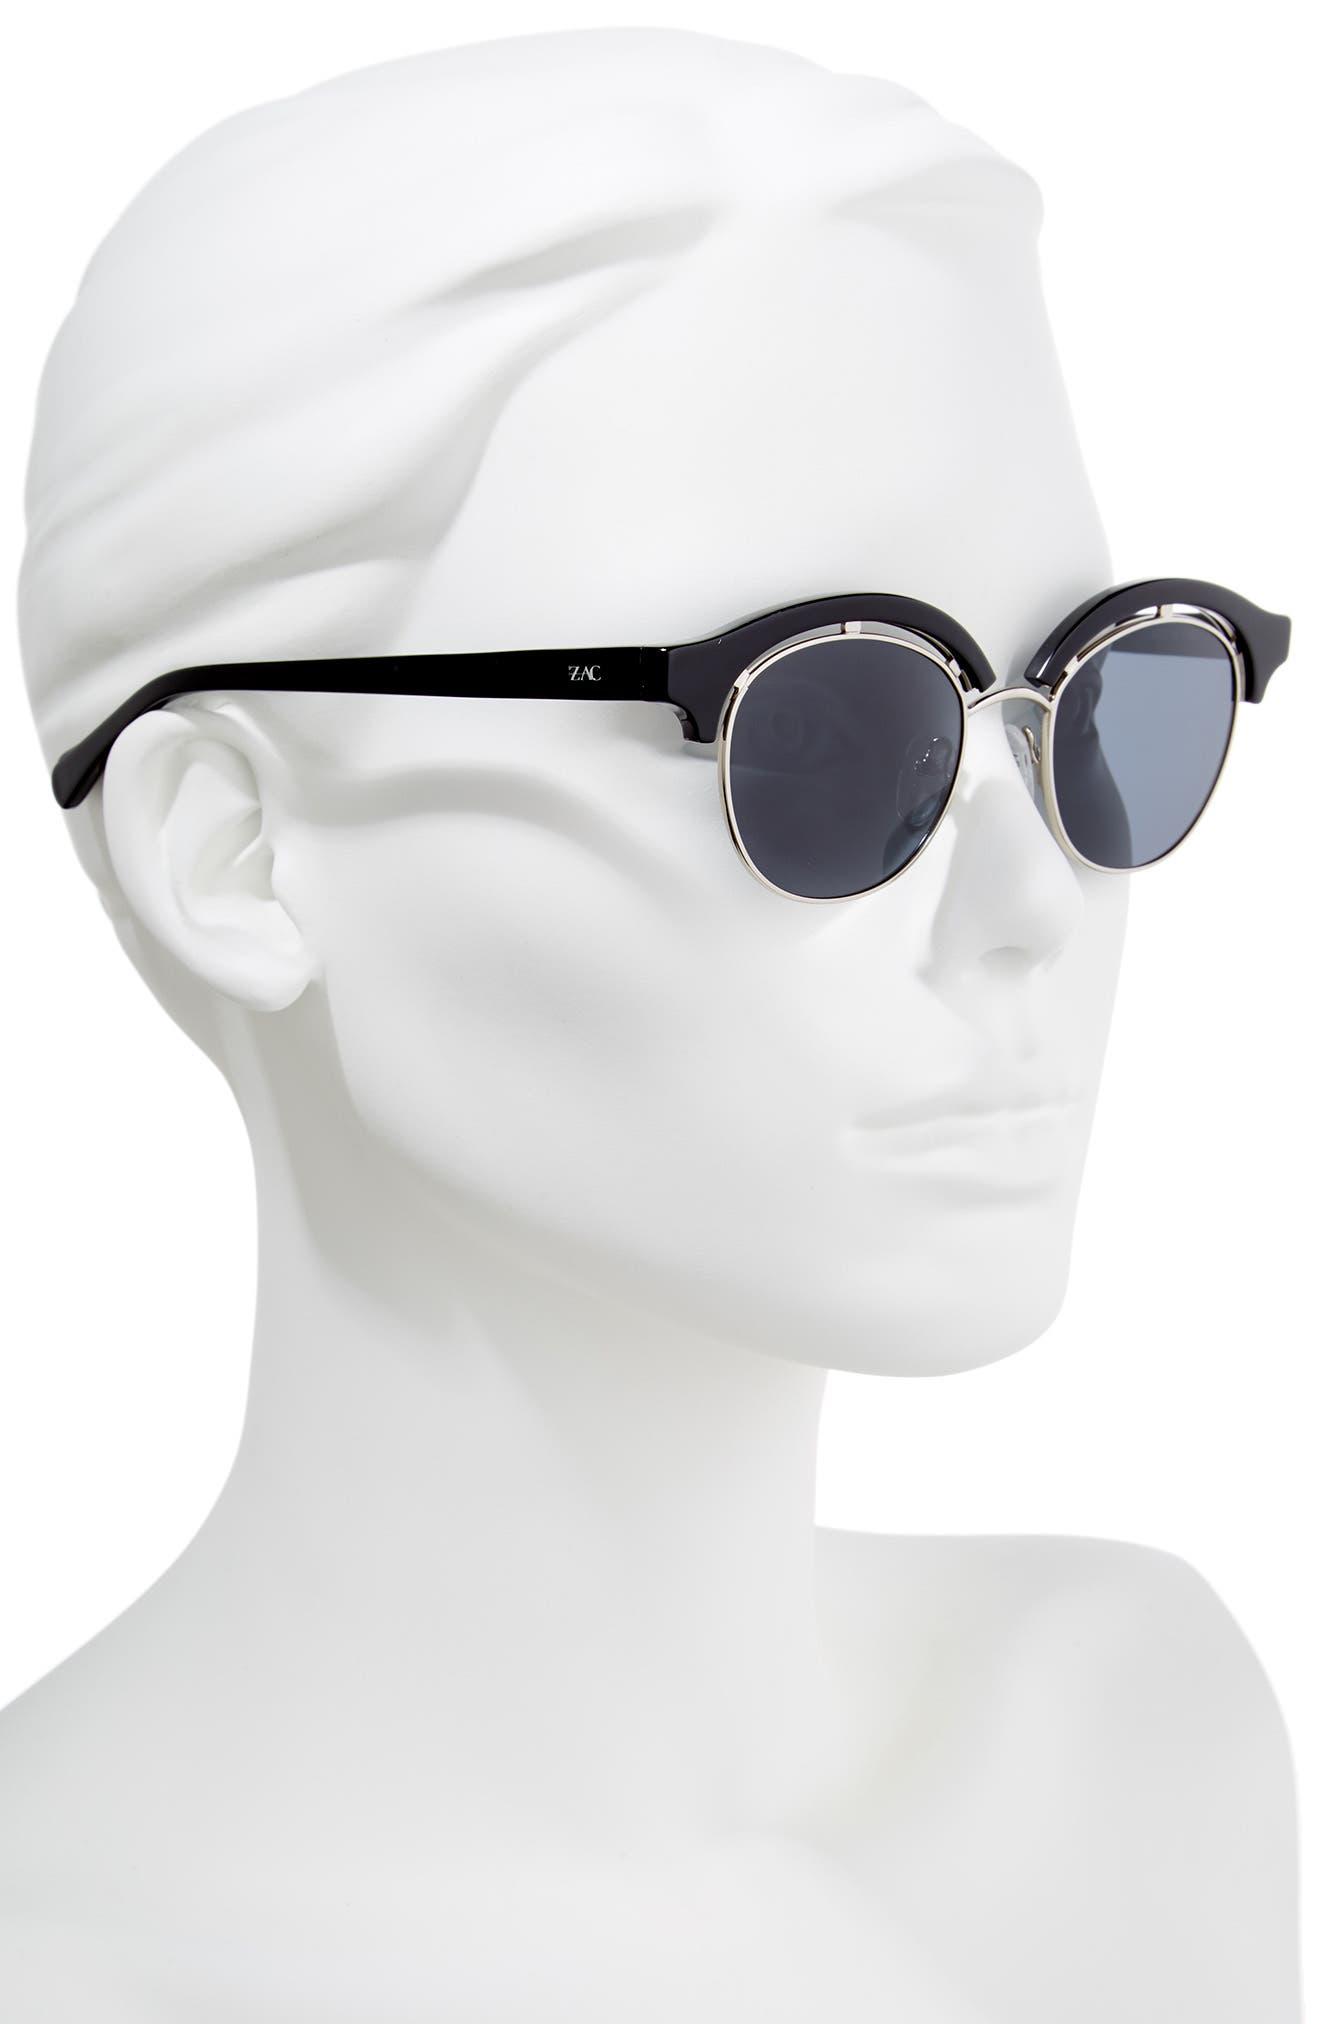 Pomona 48mm Polarized Sunglasses,                             Alternate thumbnail 2, color,                             BLACK POLAR